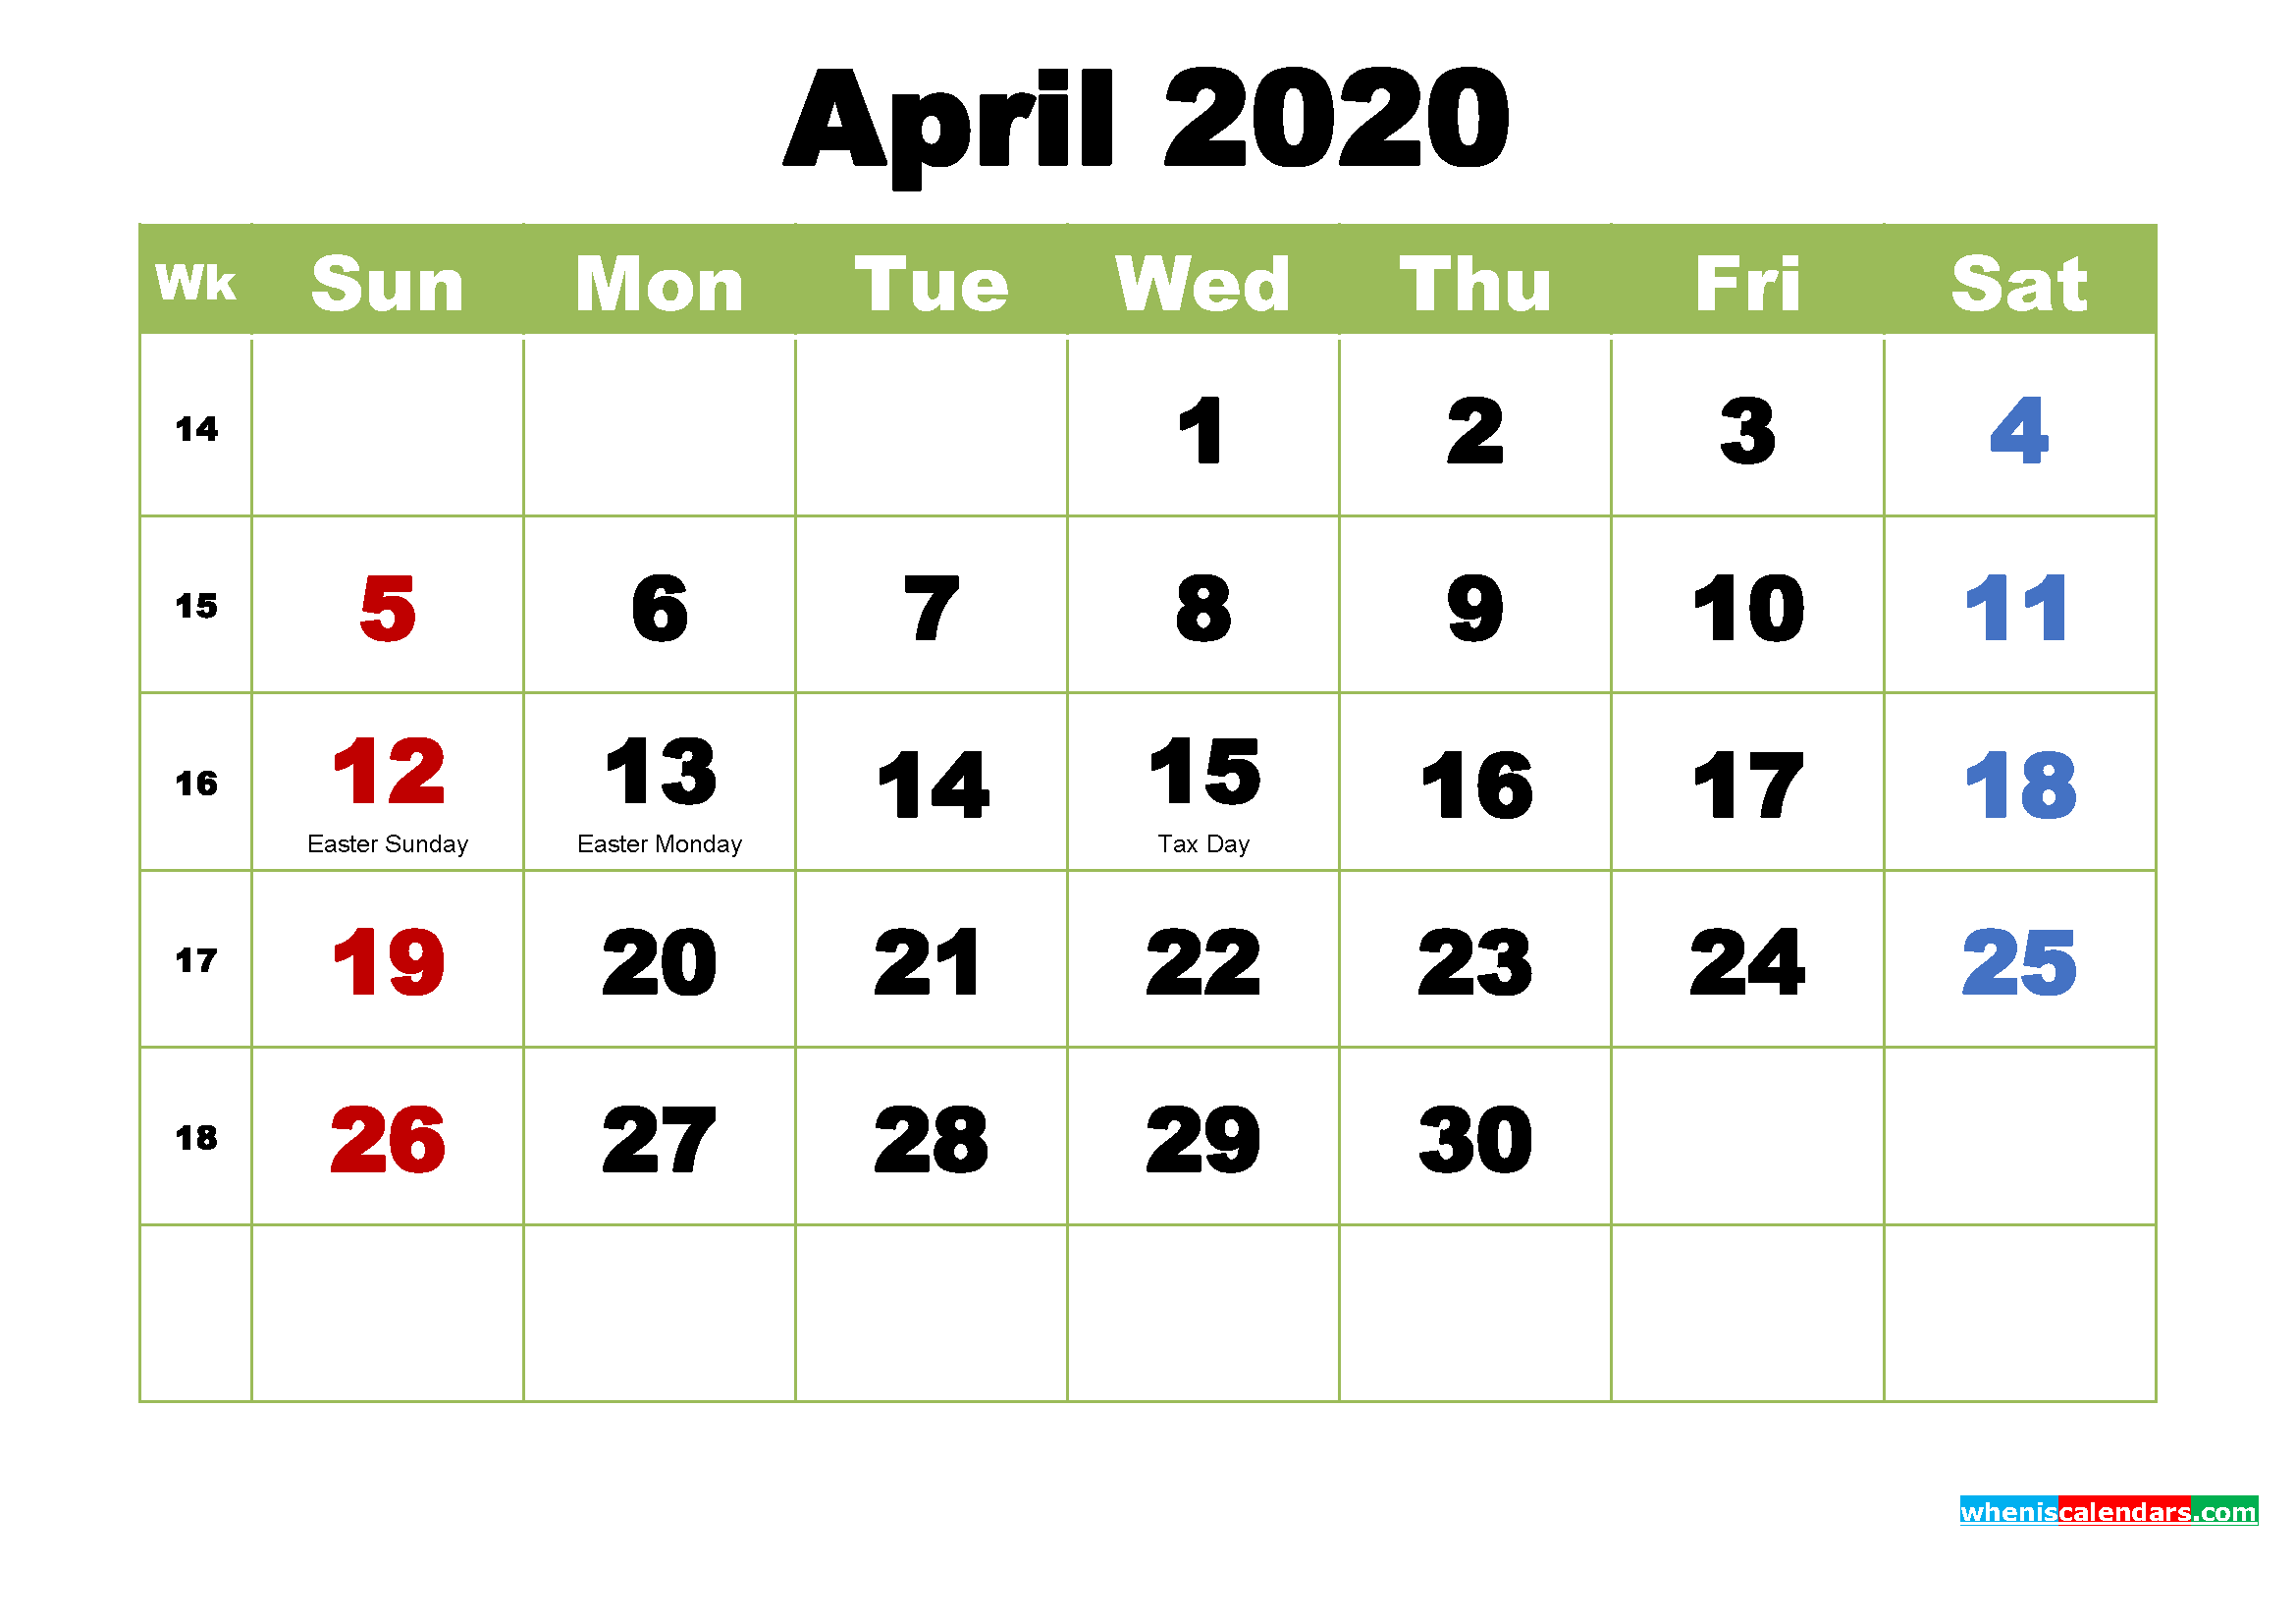 April 2020 Desktop Calendar with Holidays